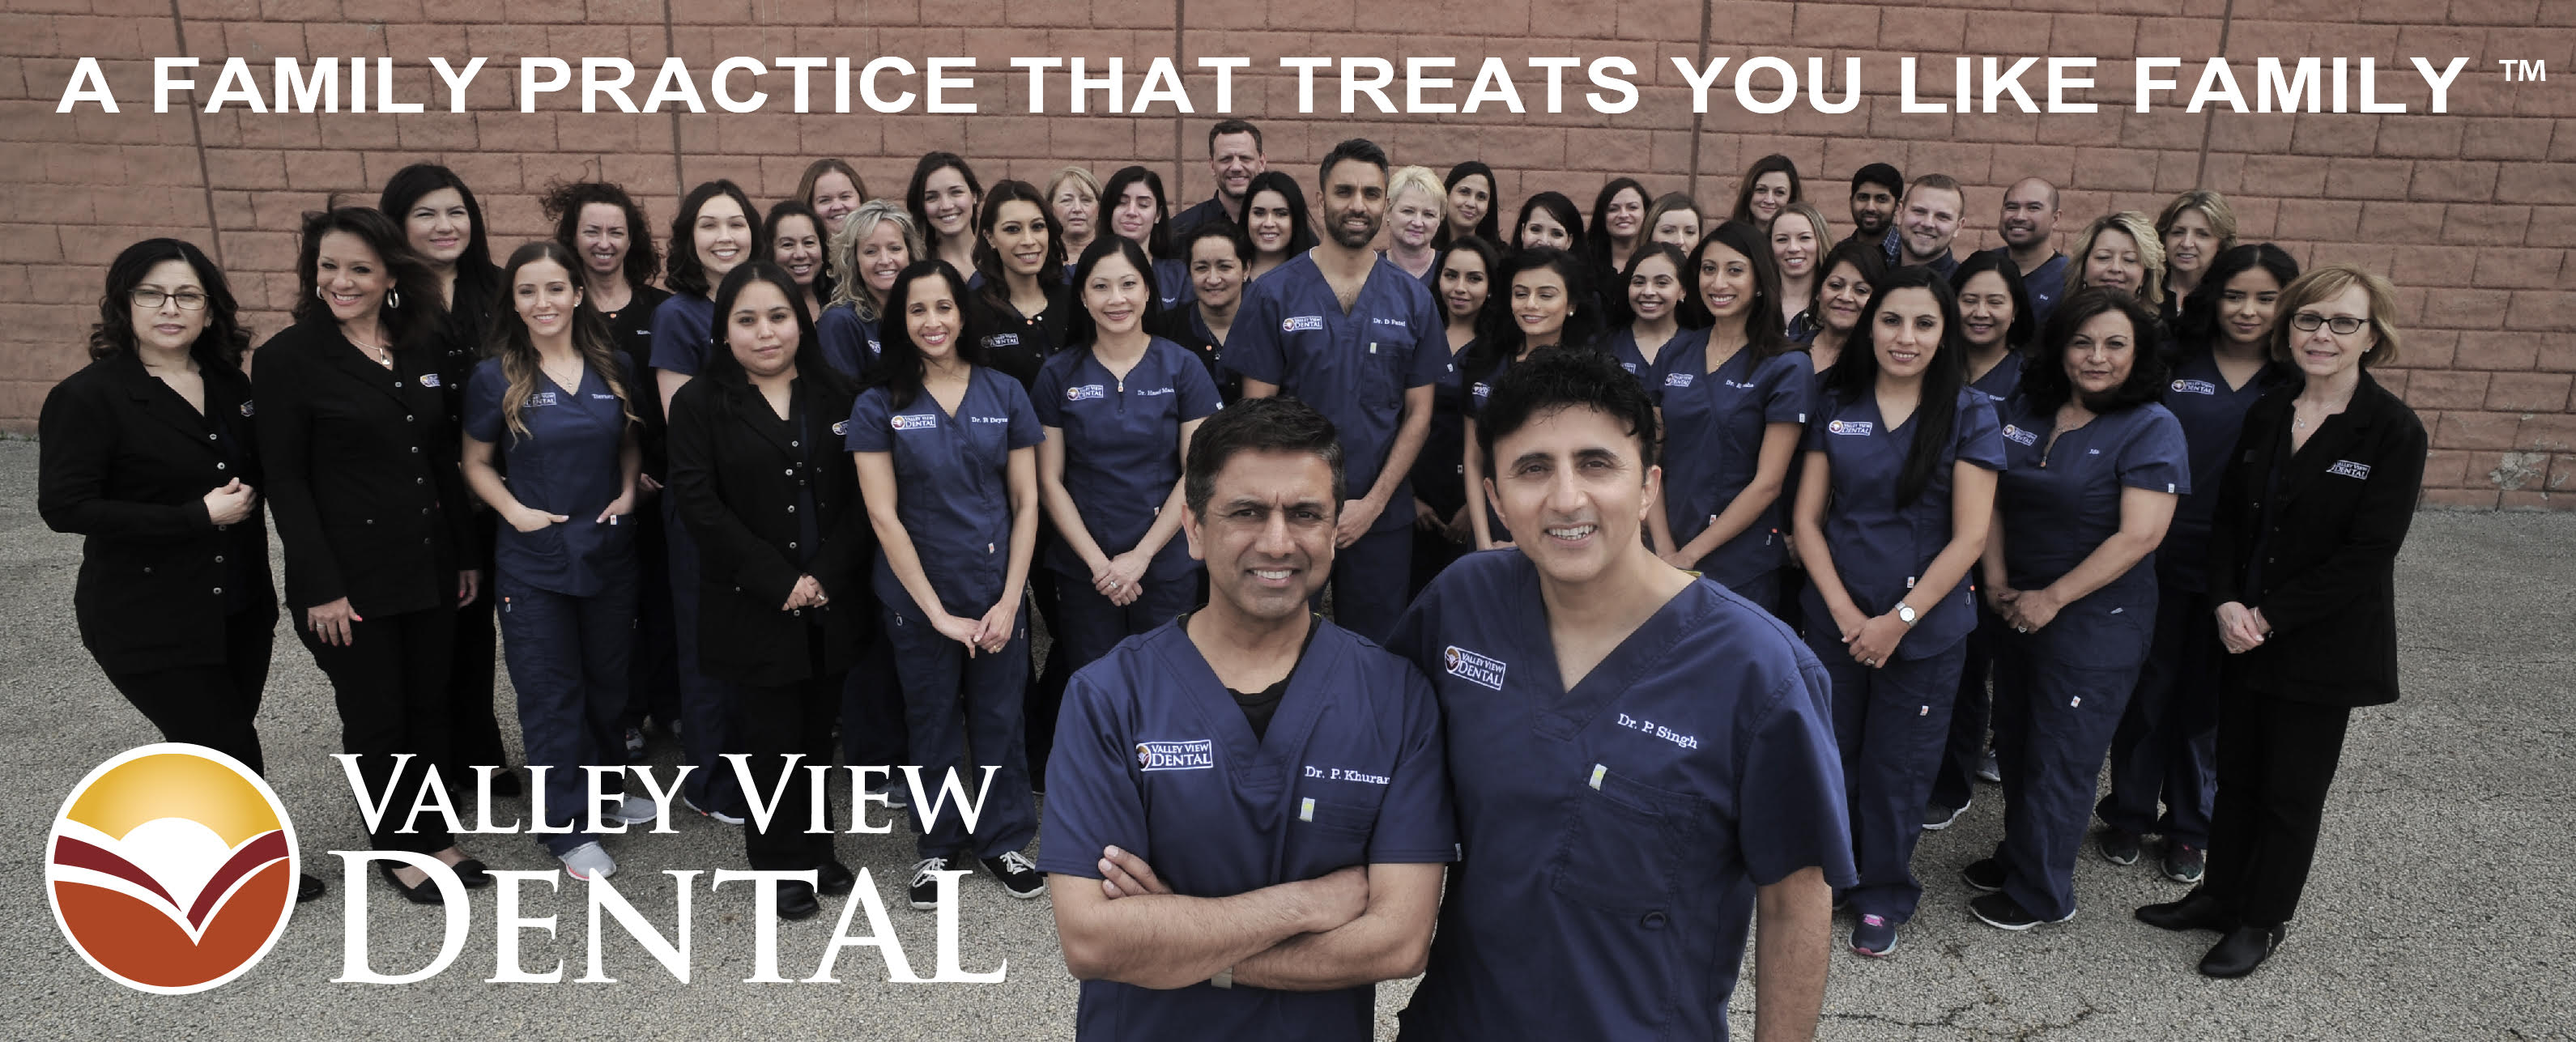 Valley View Dental reviews | General Dentistry at